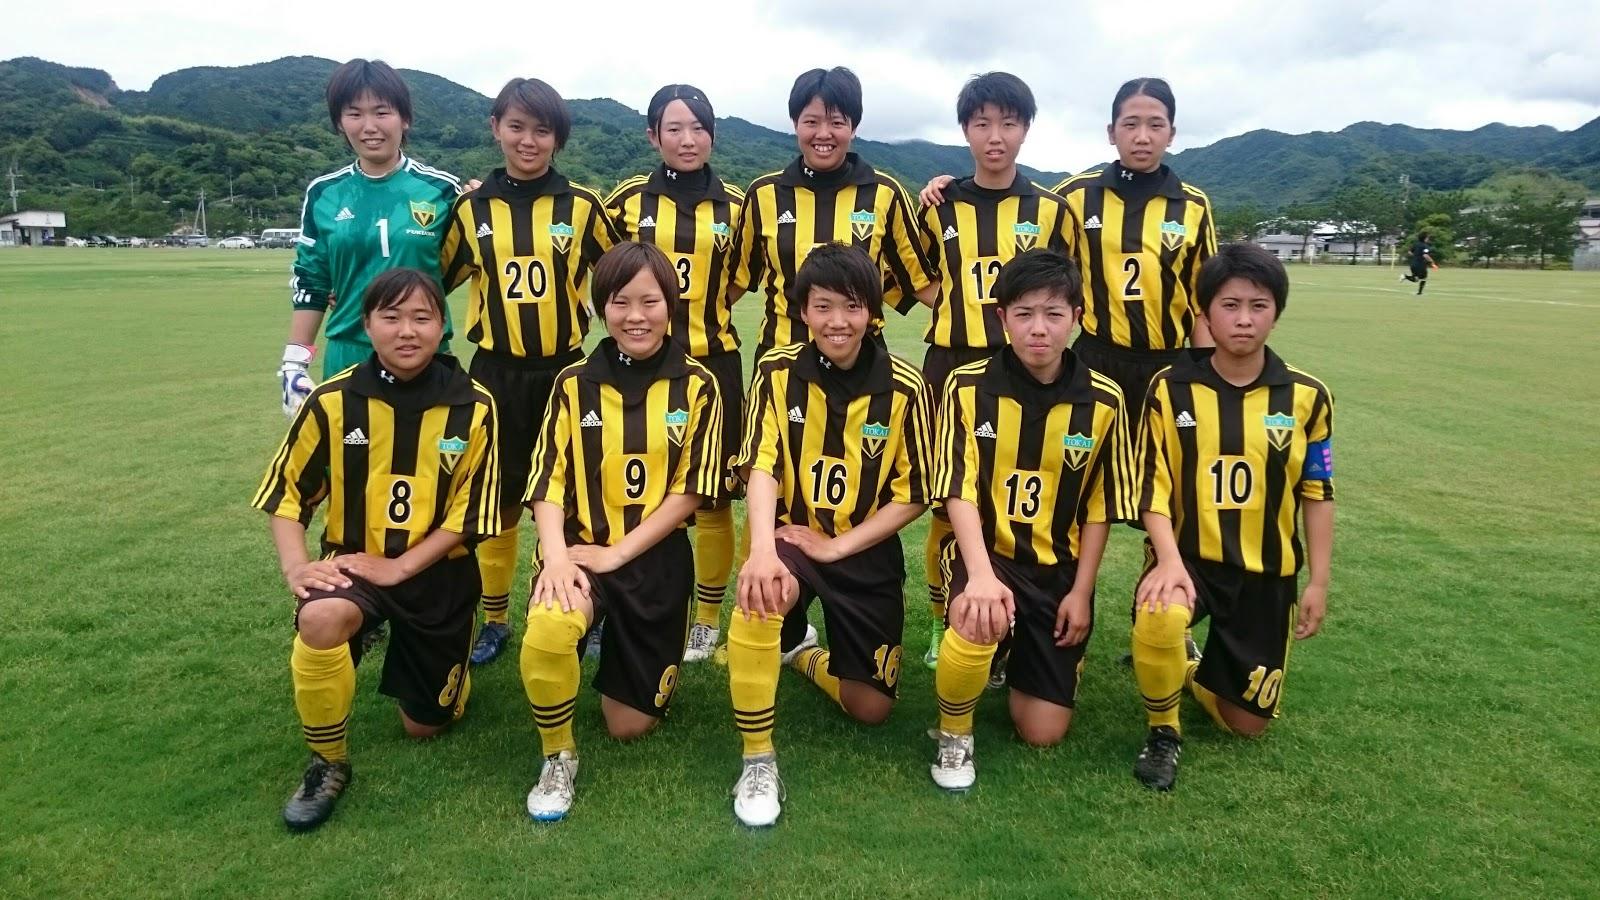 東海大福岡 女子サッカー部|TOK...